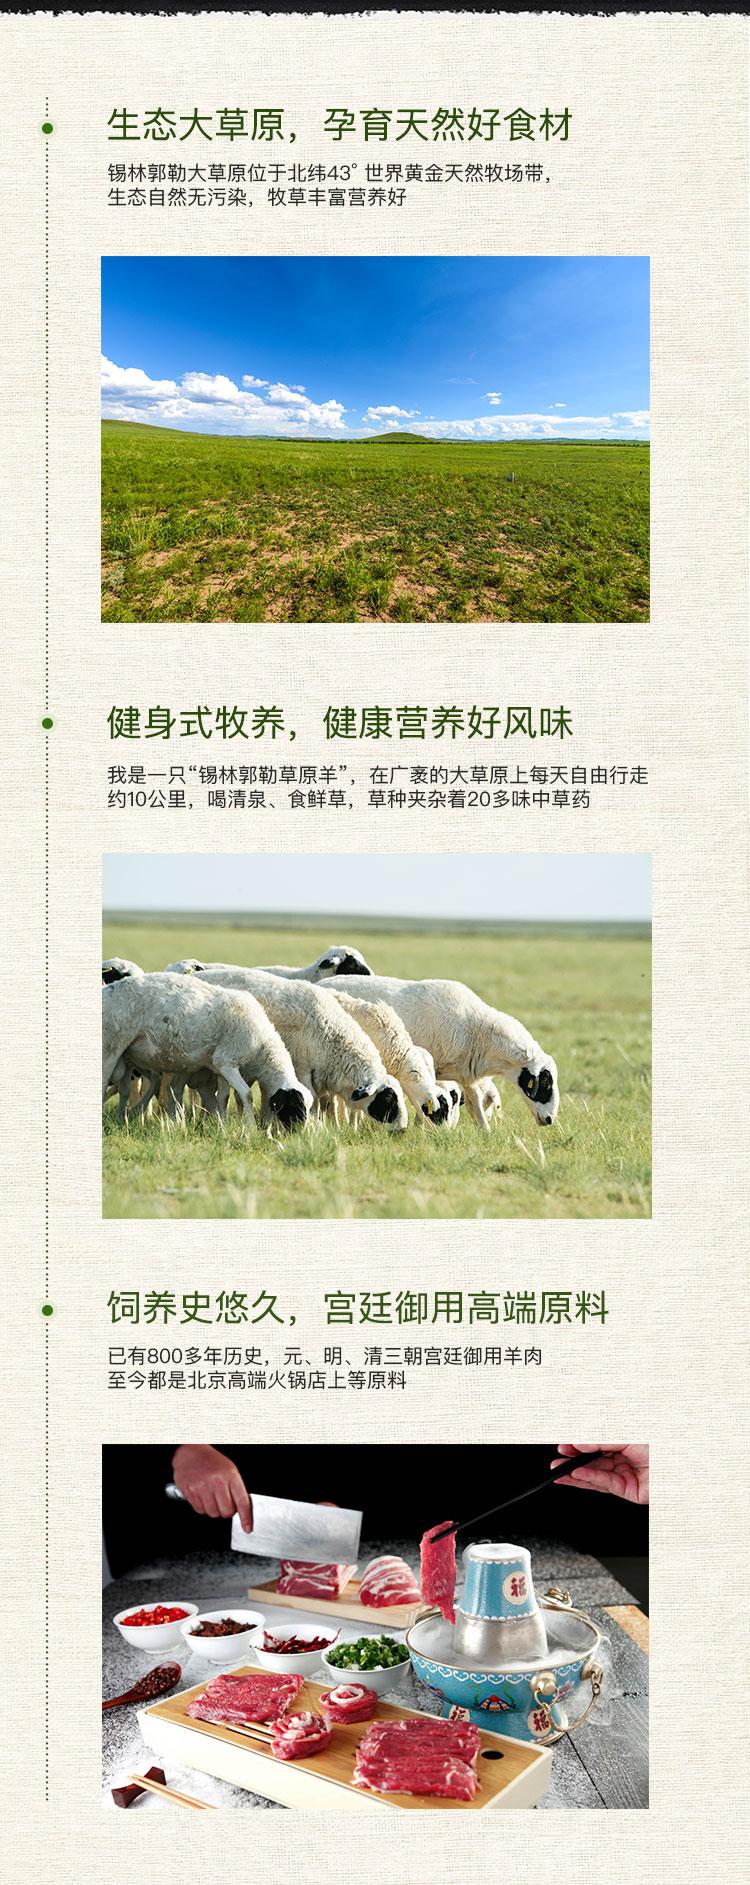 羊杂详情页-_03